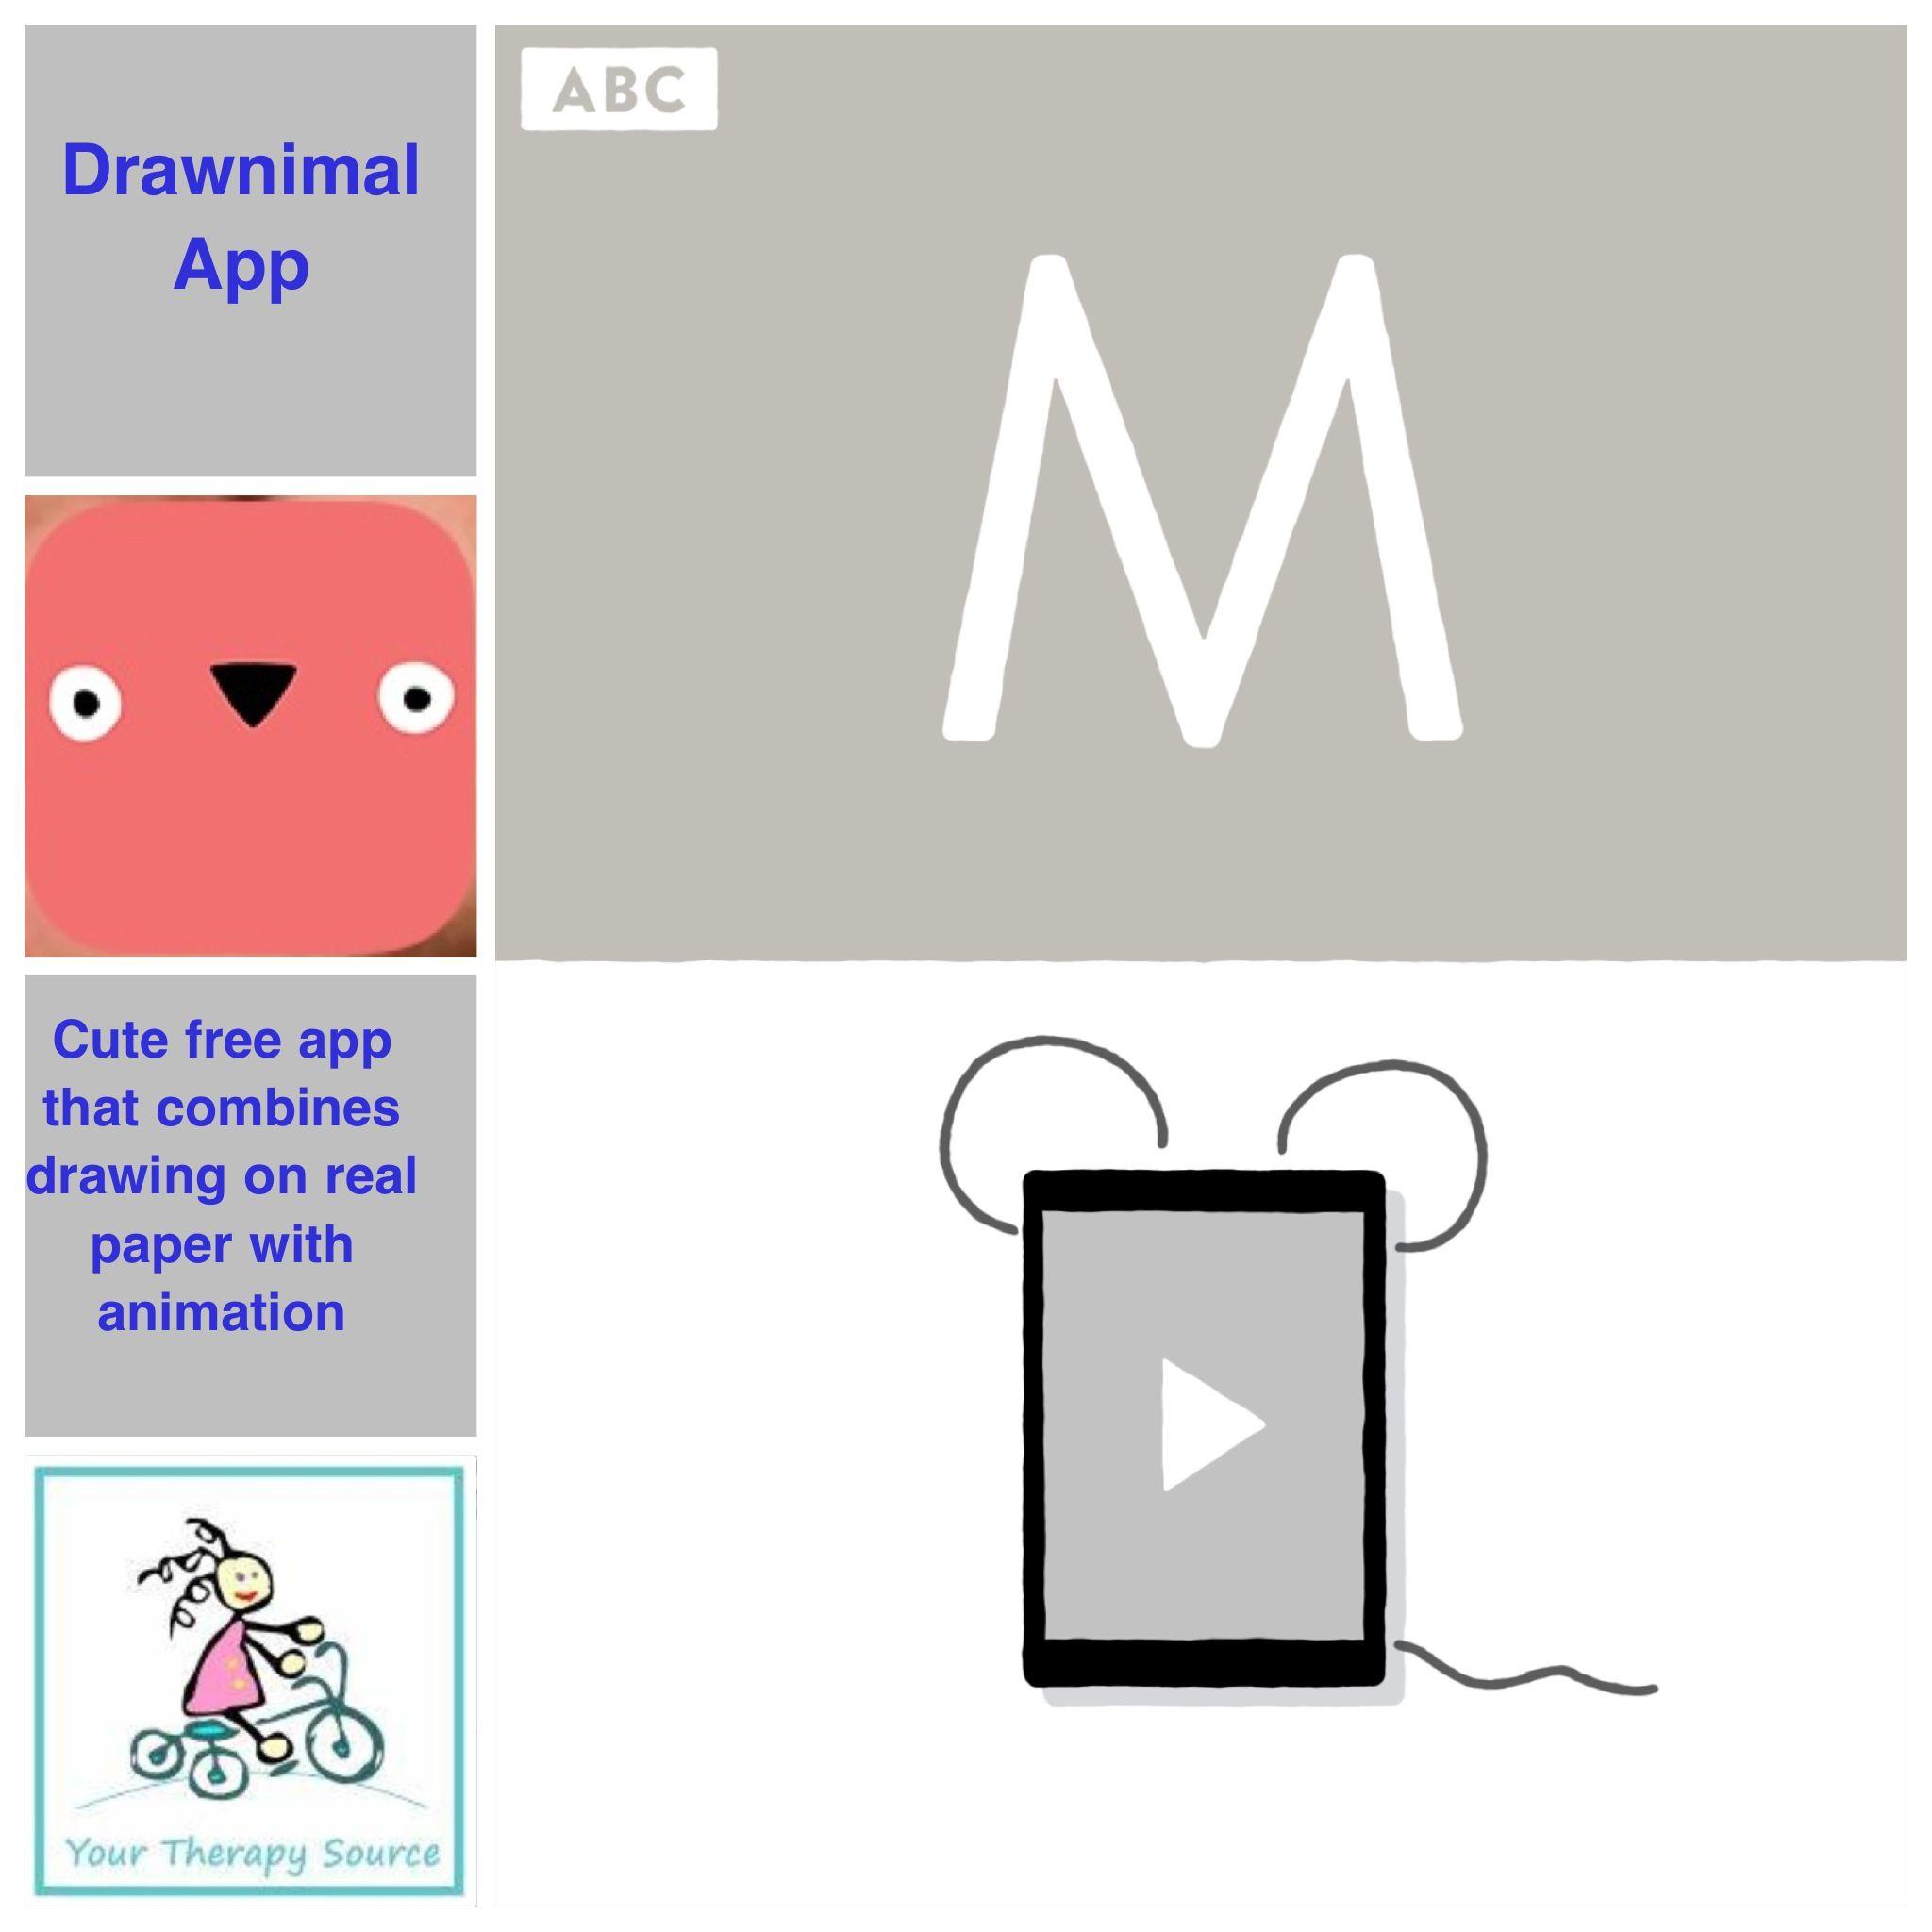 Drawnimal App